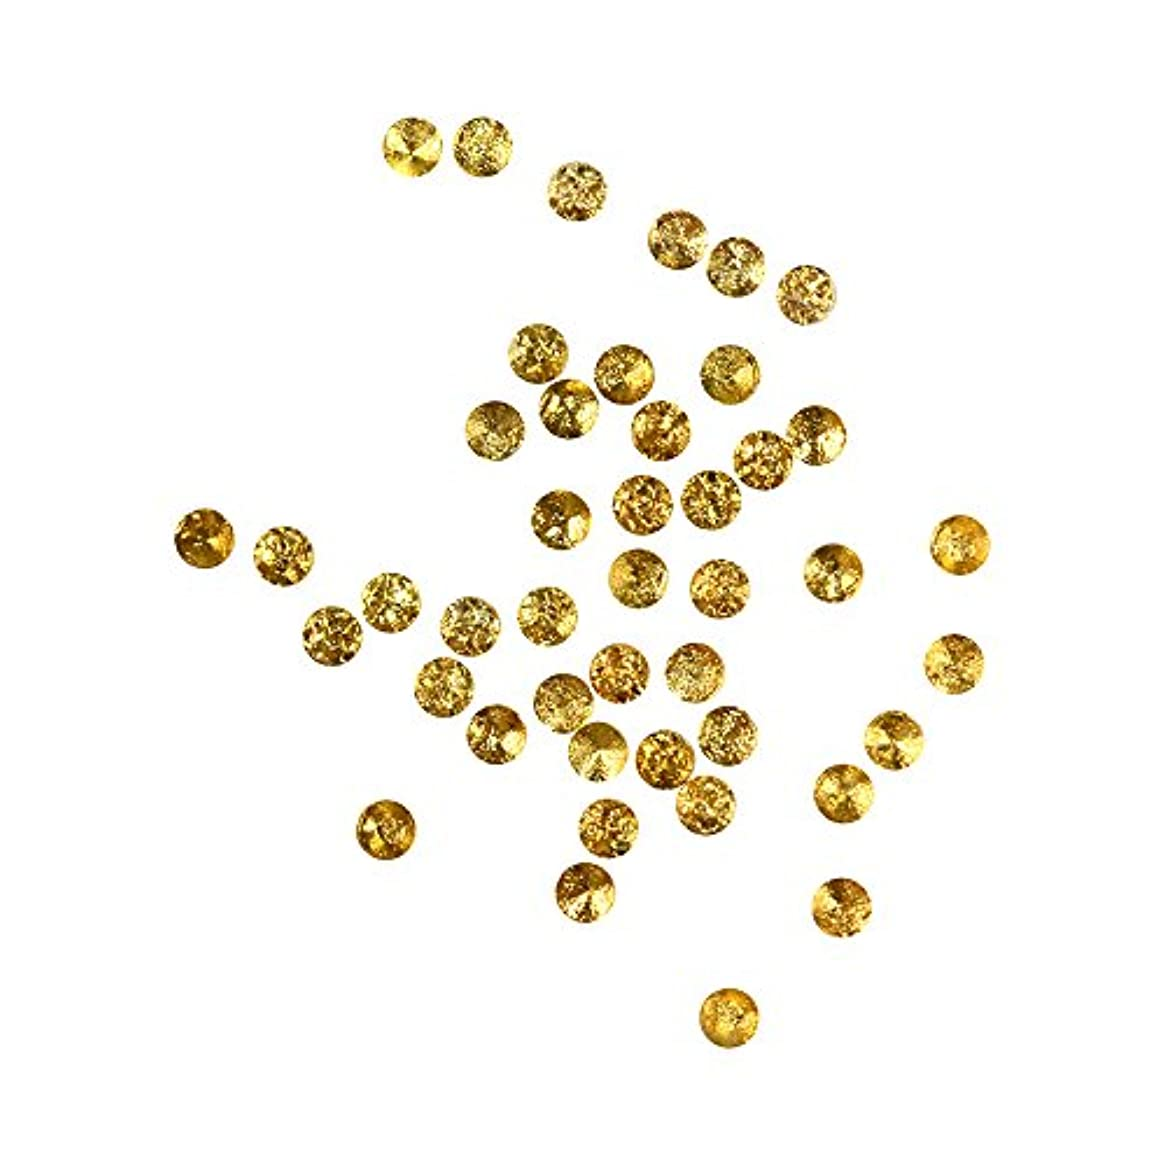 気配りのある磁石配当Bonnail ラフスタッズゴールド ラウンド1mm